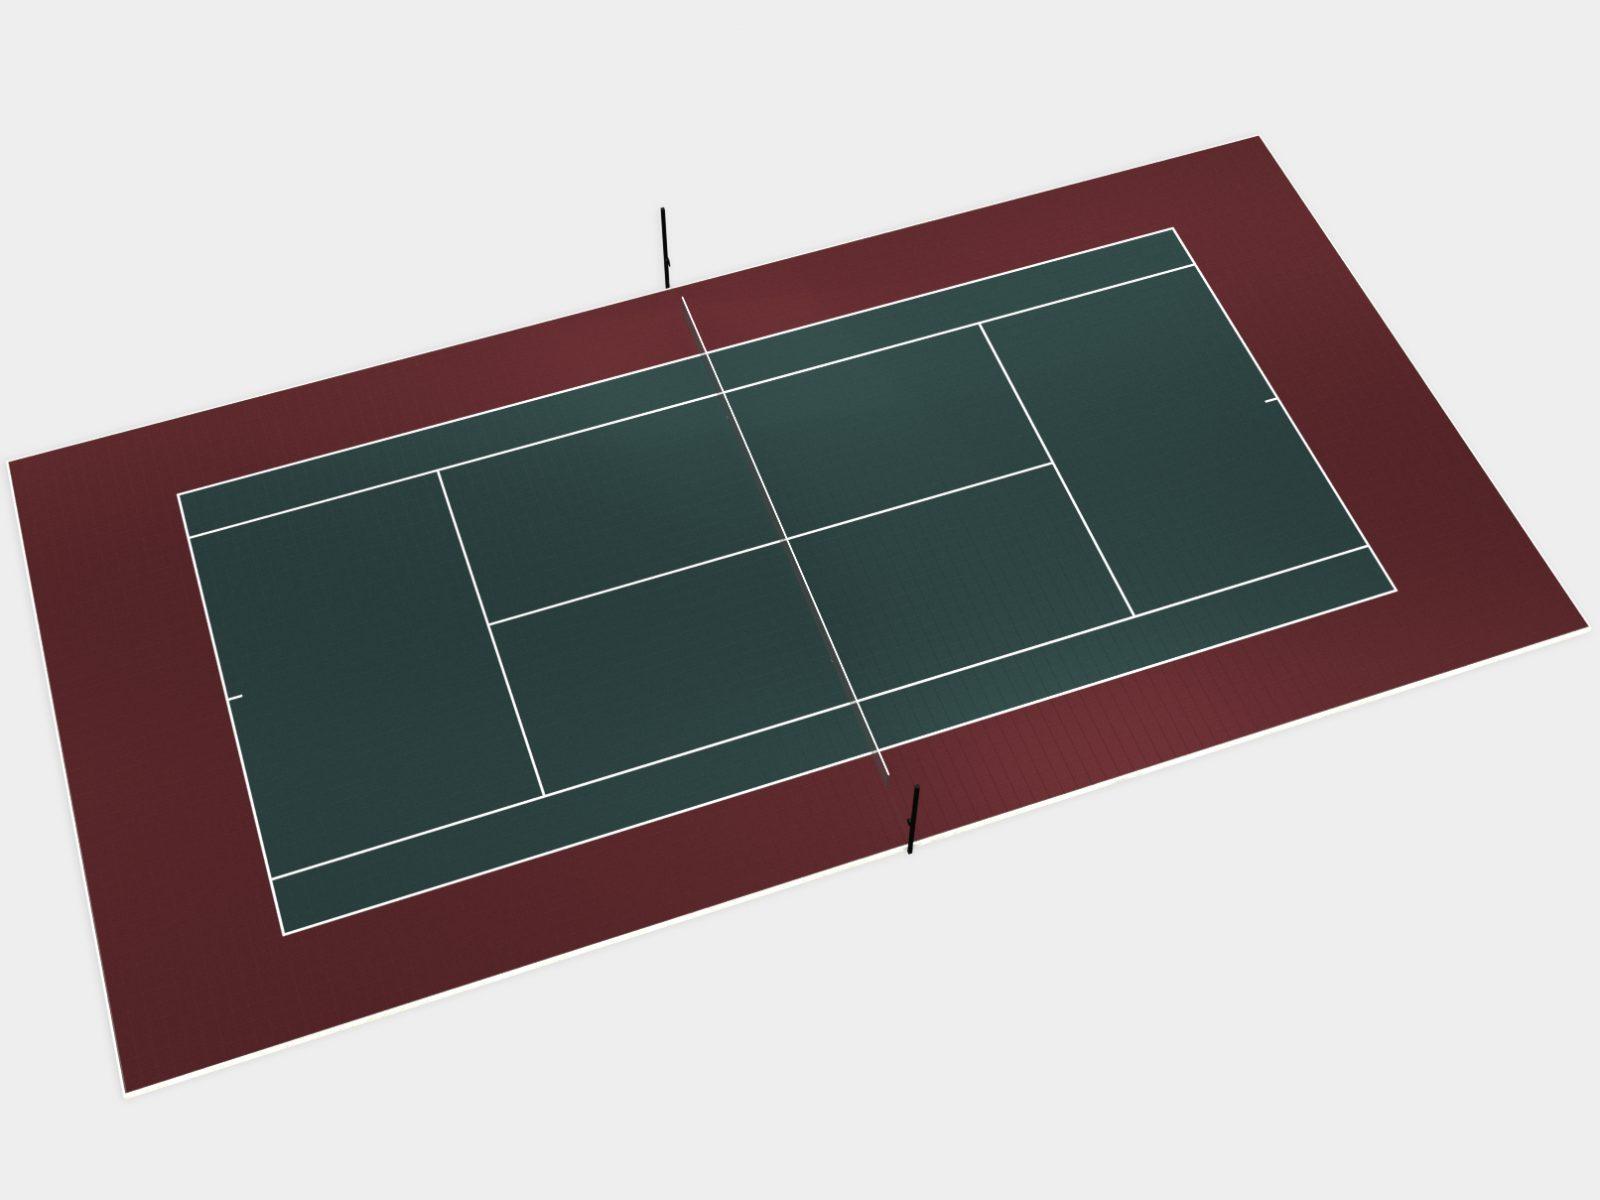 100' x 50' Tennis Court